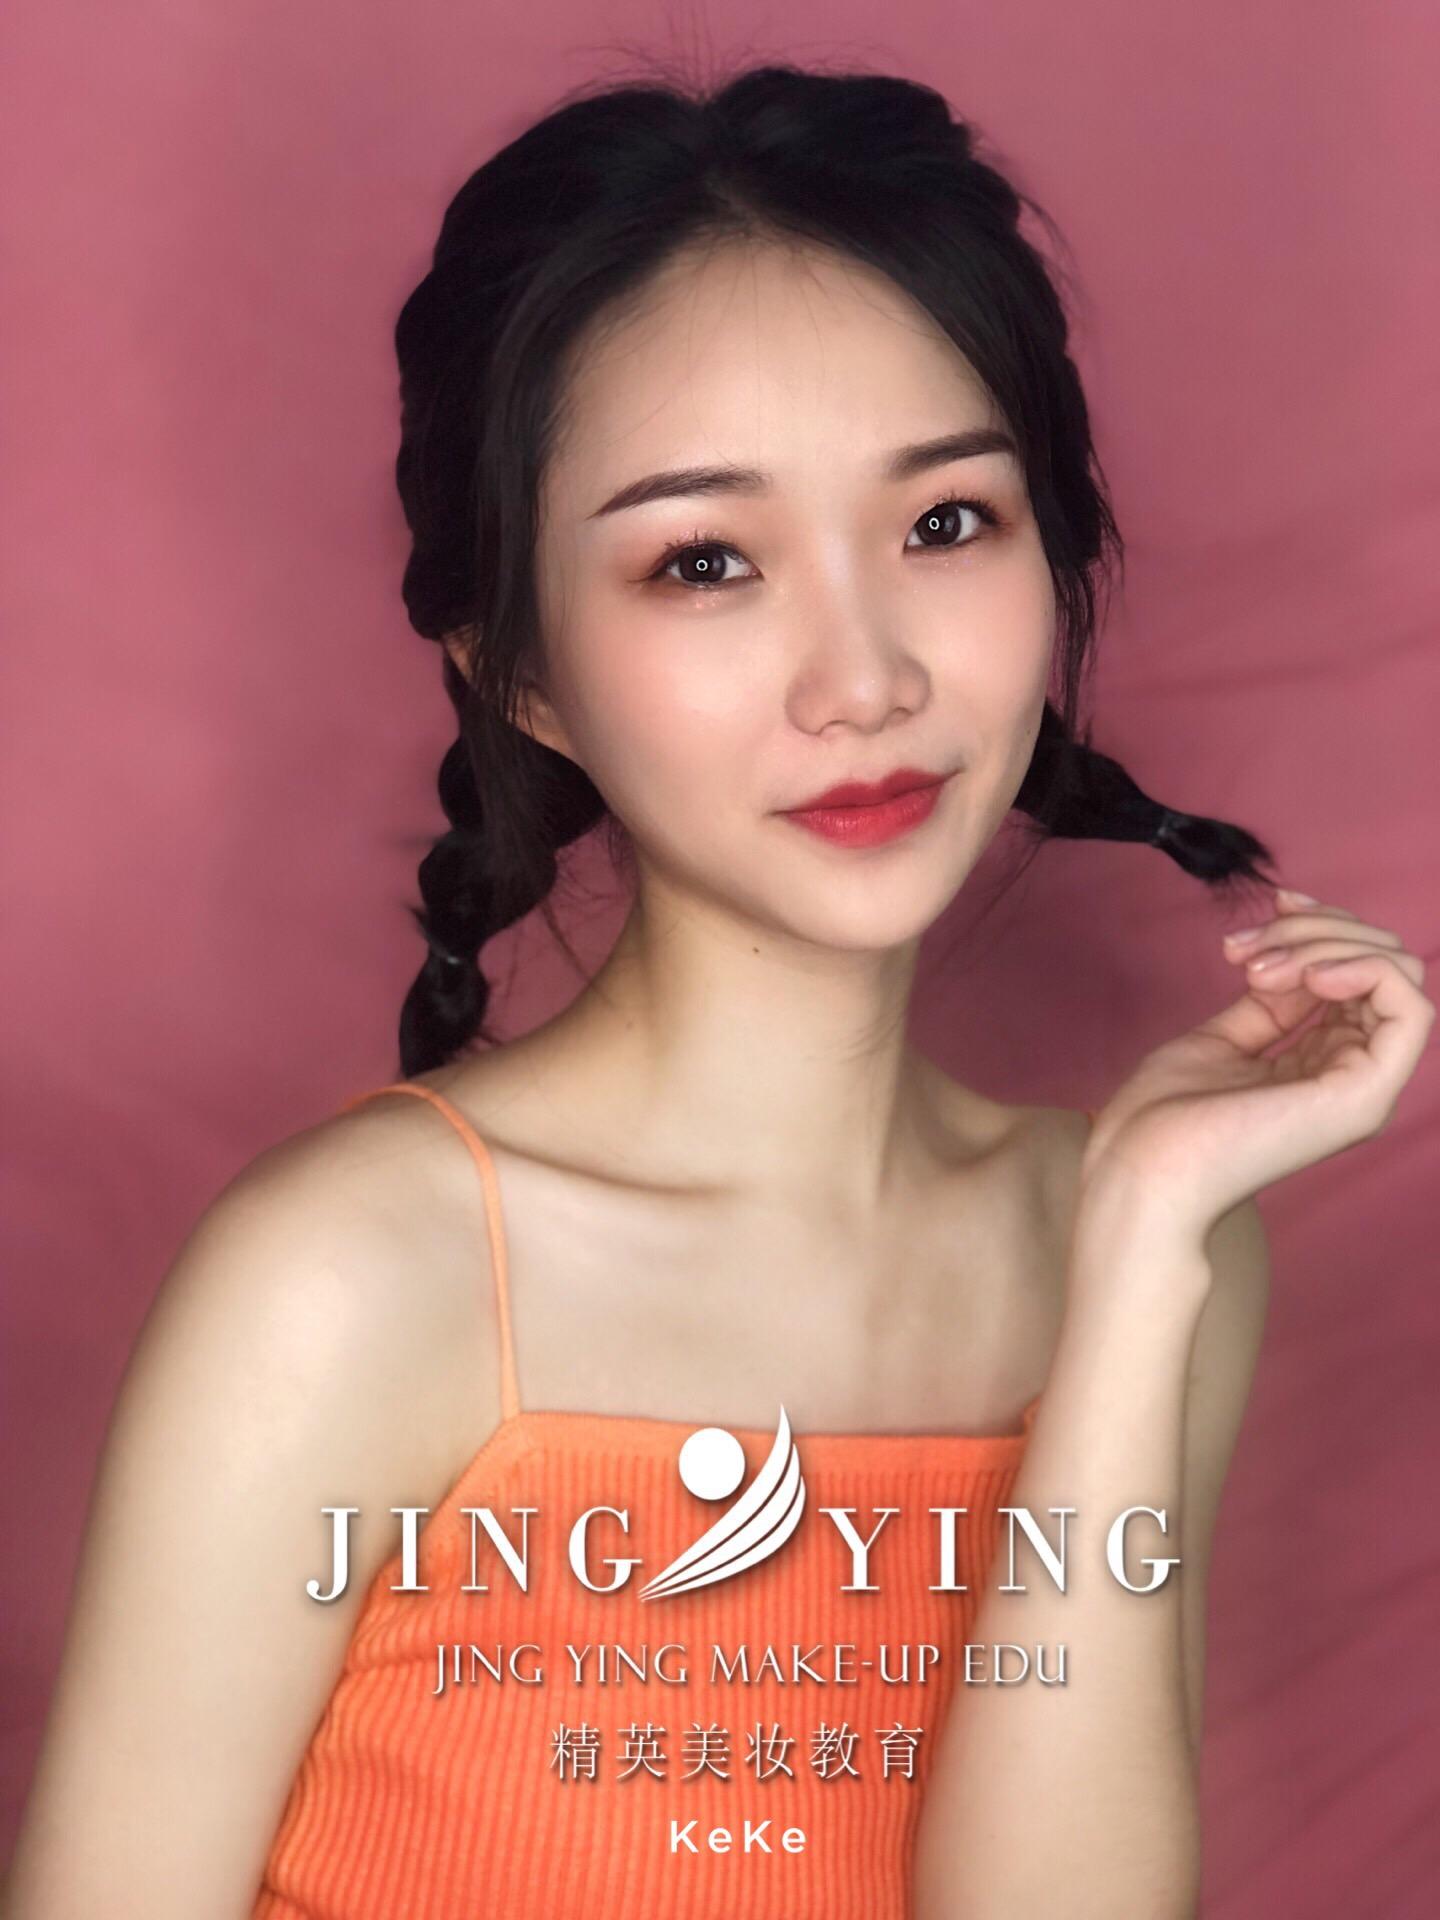 少女妆容造型化妆作品图片4